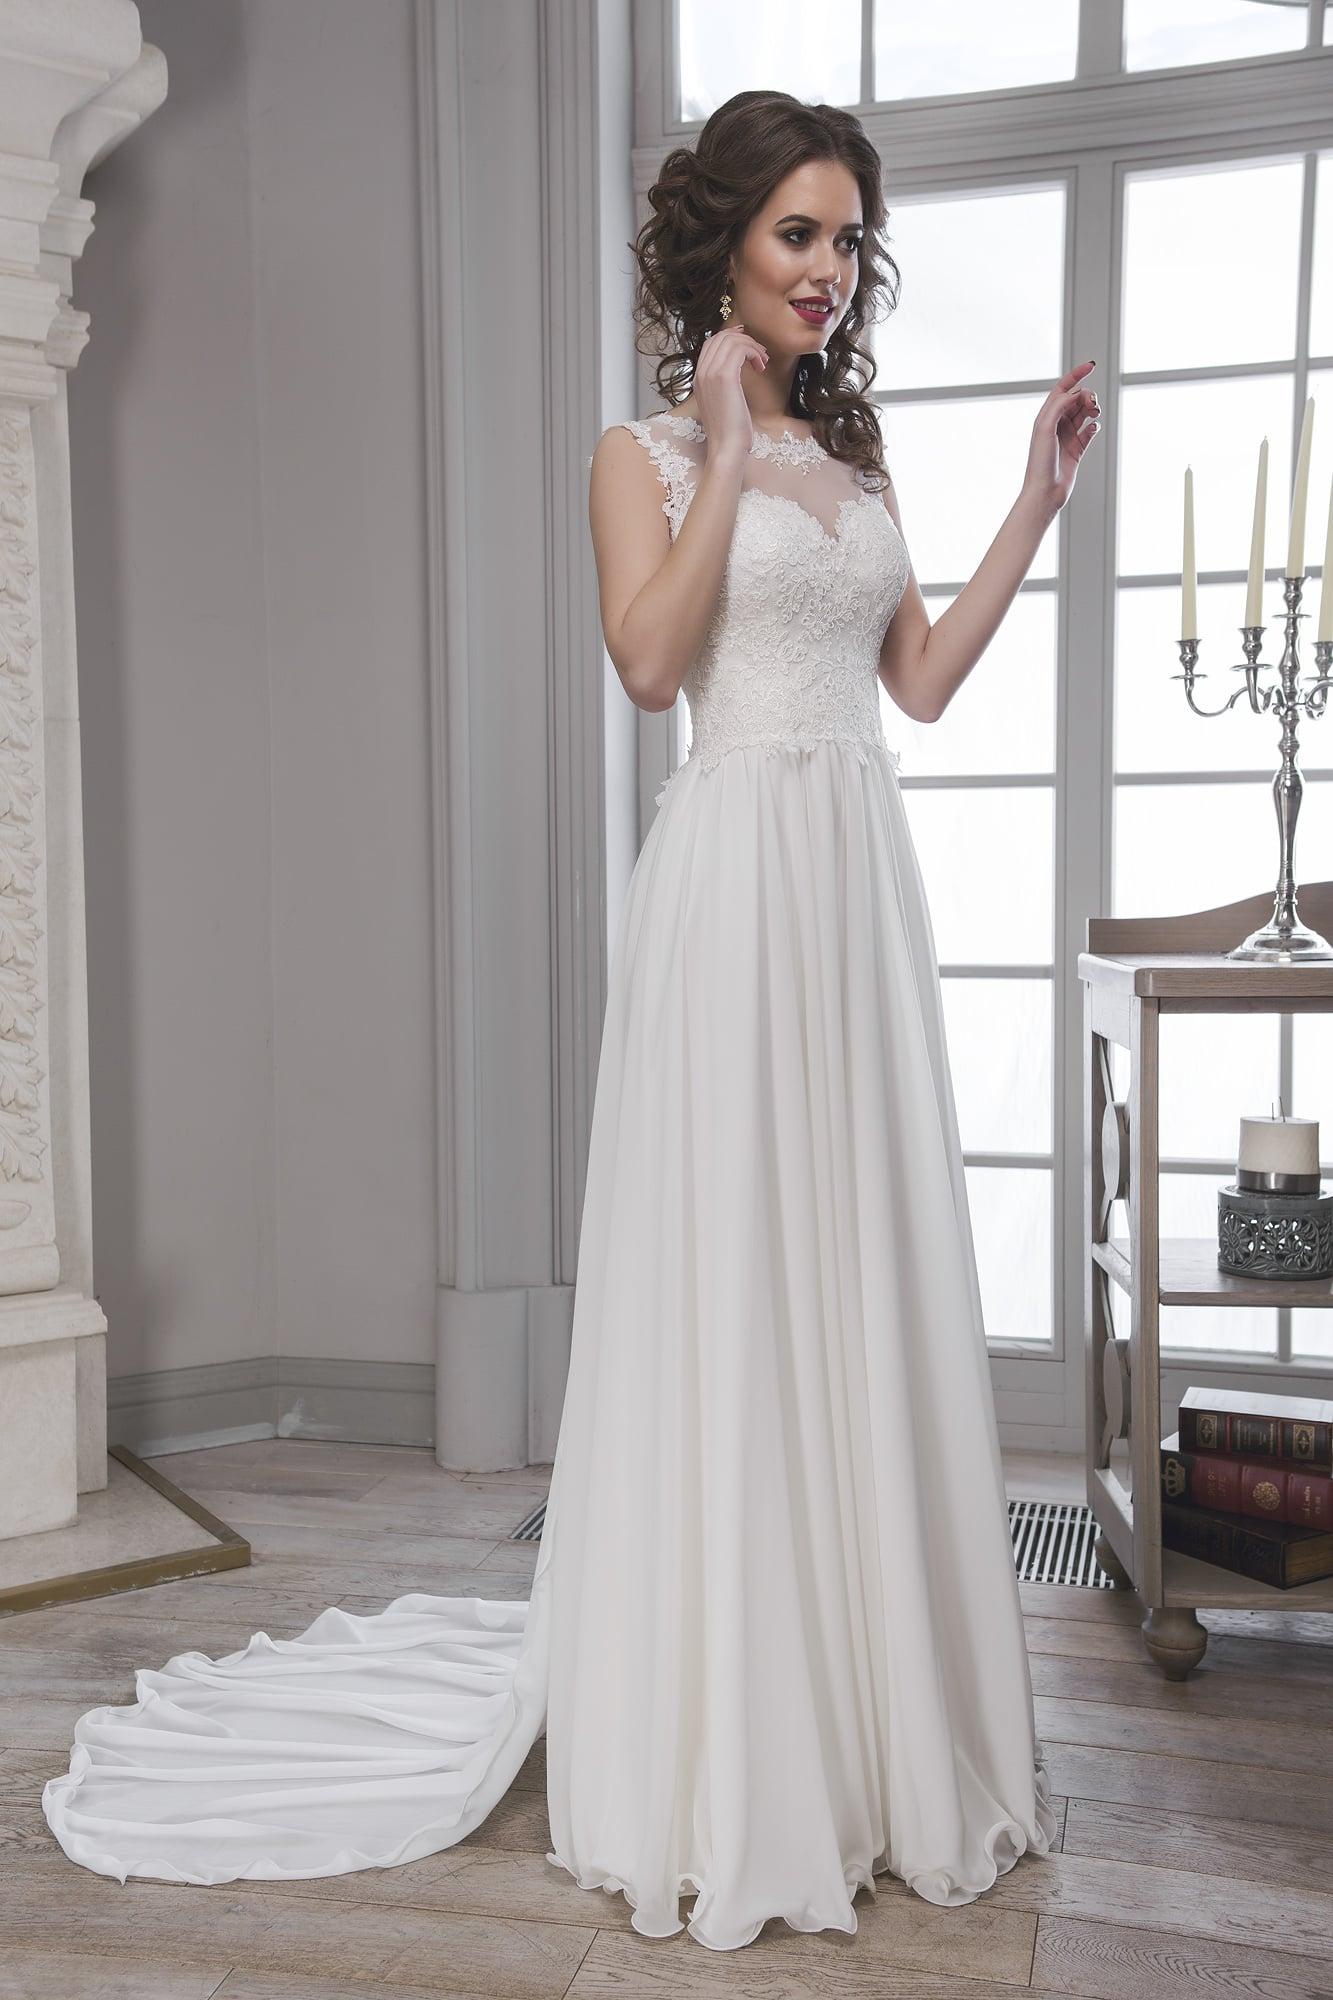 2b1b700a90e7e1a Прямое свадебное платье с кружевным корсетом, полупрозрачной спинкой и  длинным шлейфом.